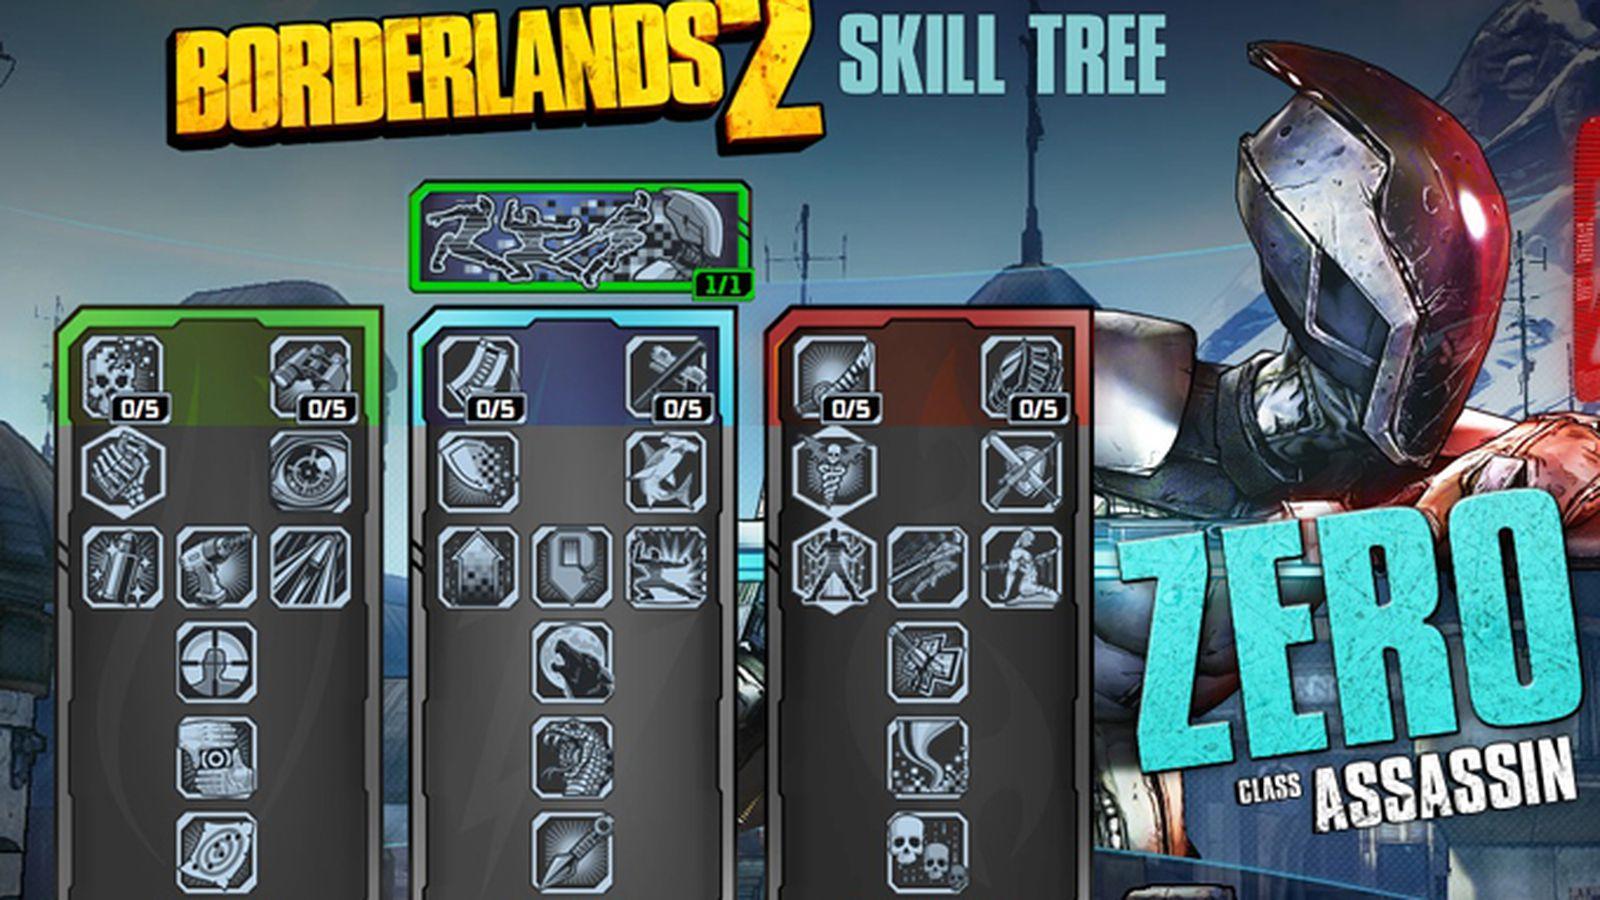 Assassin Skill Tree - Borderlands 2 Wiki Guide - IGN